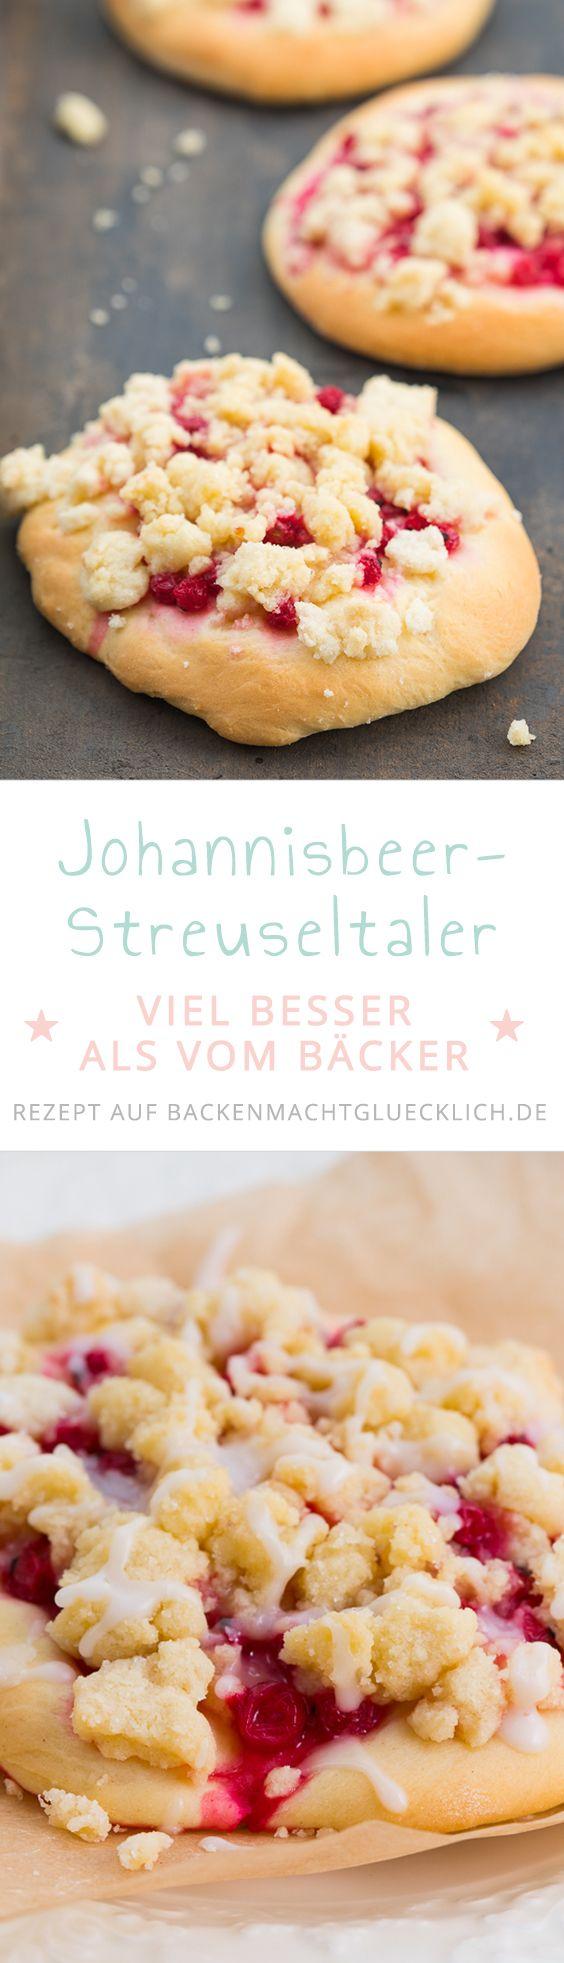 Hefeteig, Butterstreusel, Johannisbeeren und fertig ist das Streuseltaler-Rezept: Diese einfachen Streuseltaler schmecken wie vom Bäcker!